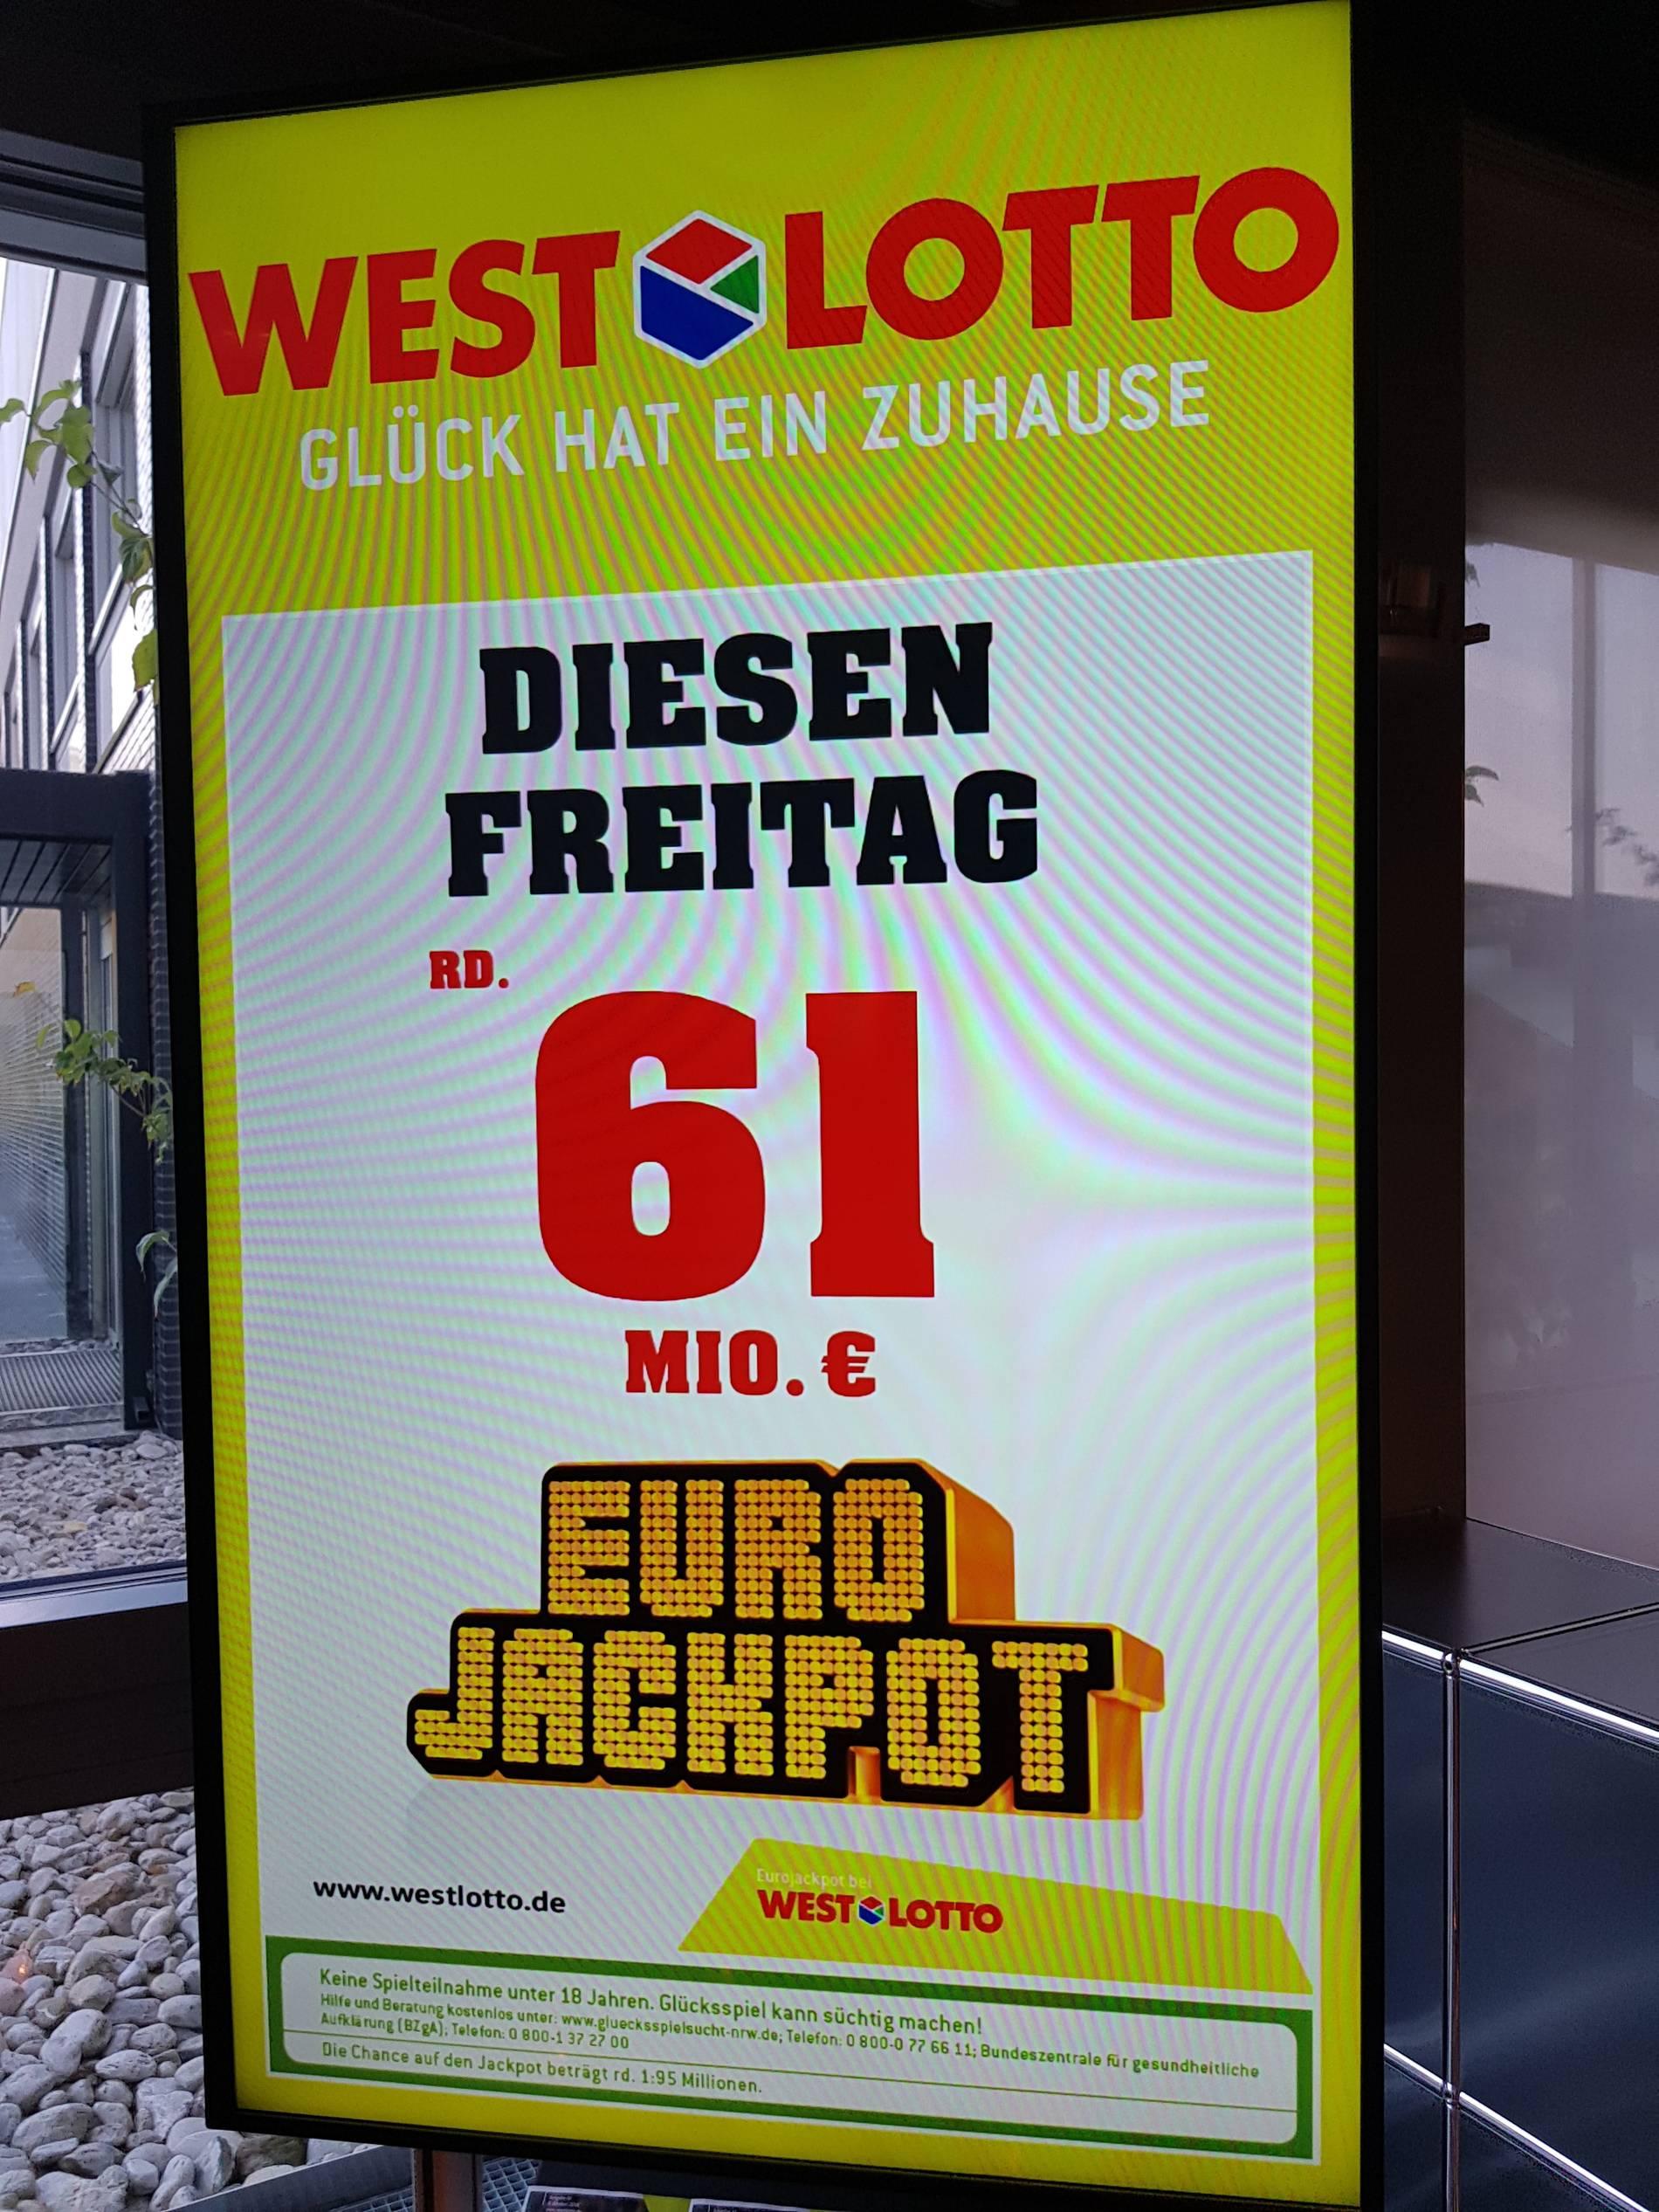 lotto am freitag eurojackpot